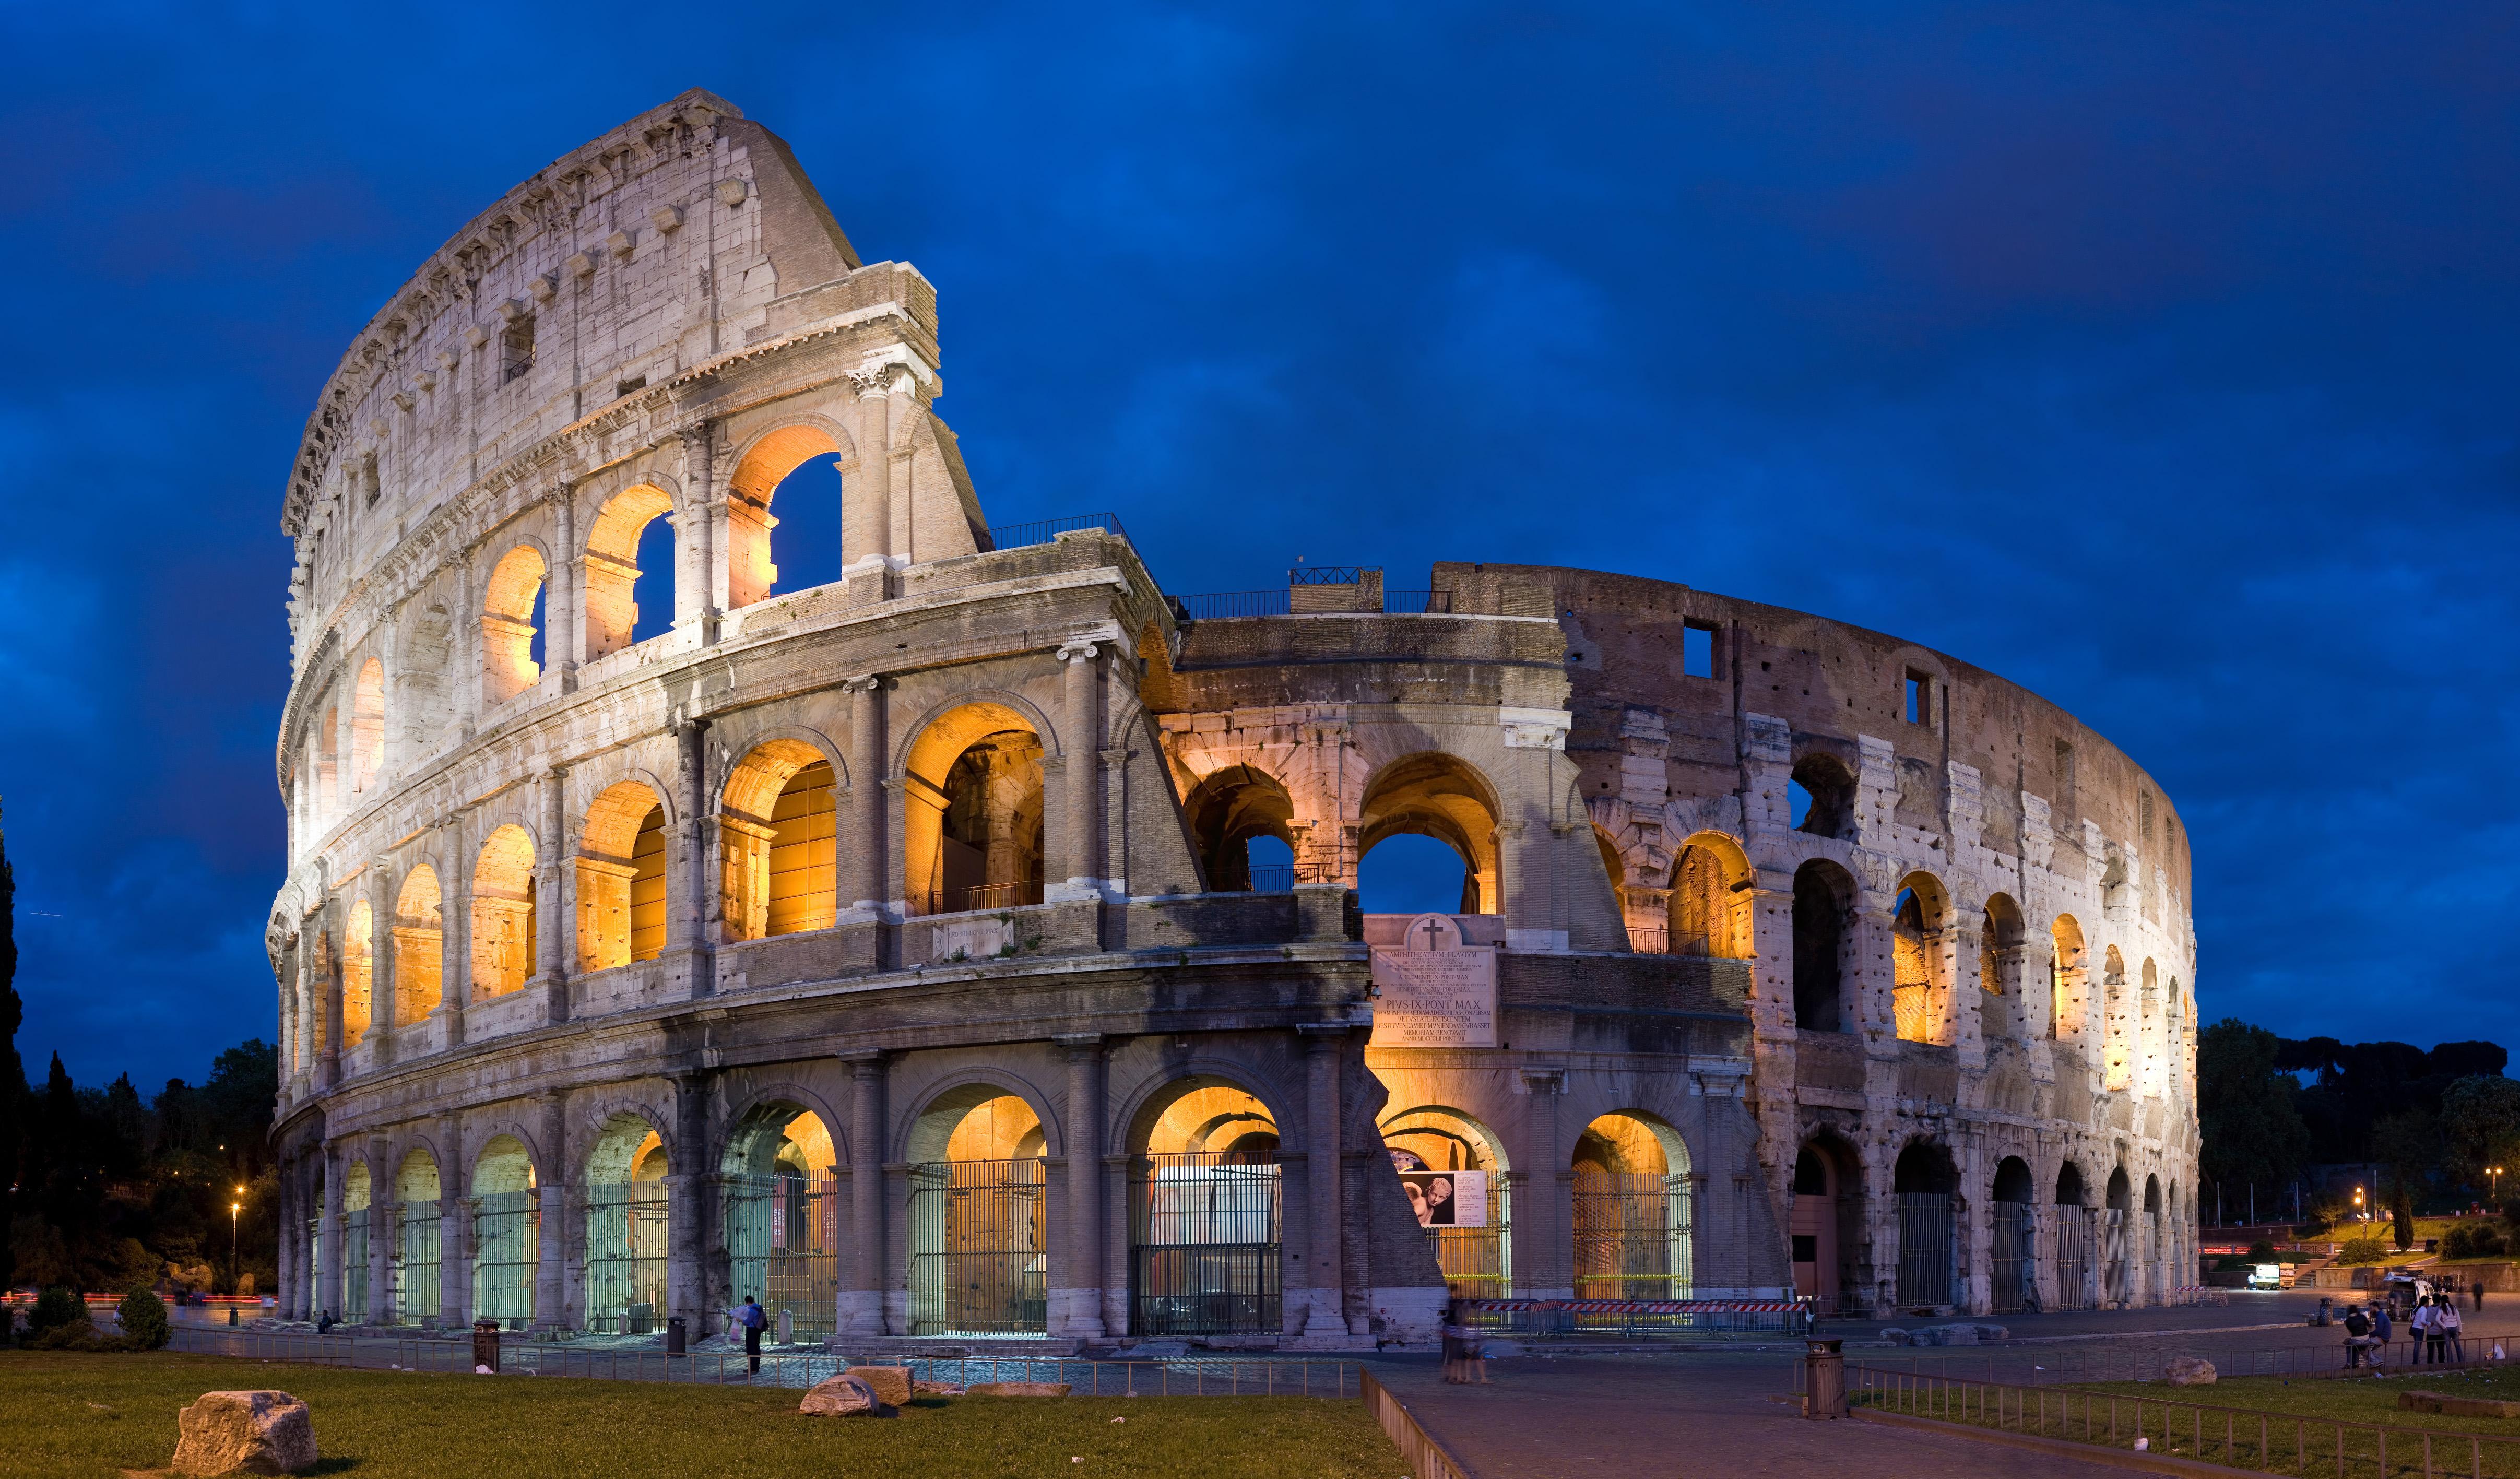 Colosseum, battle arena